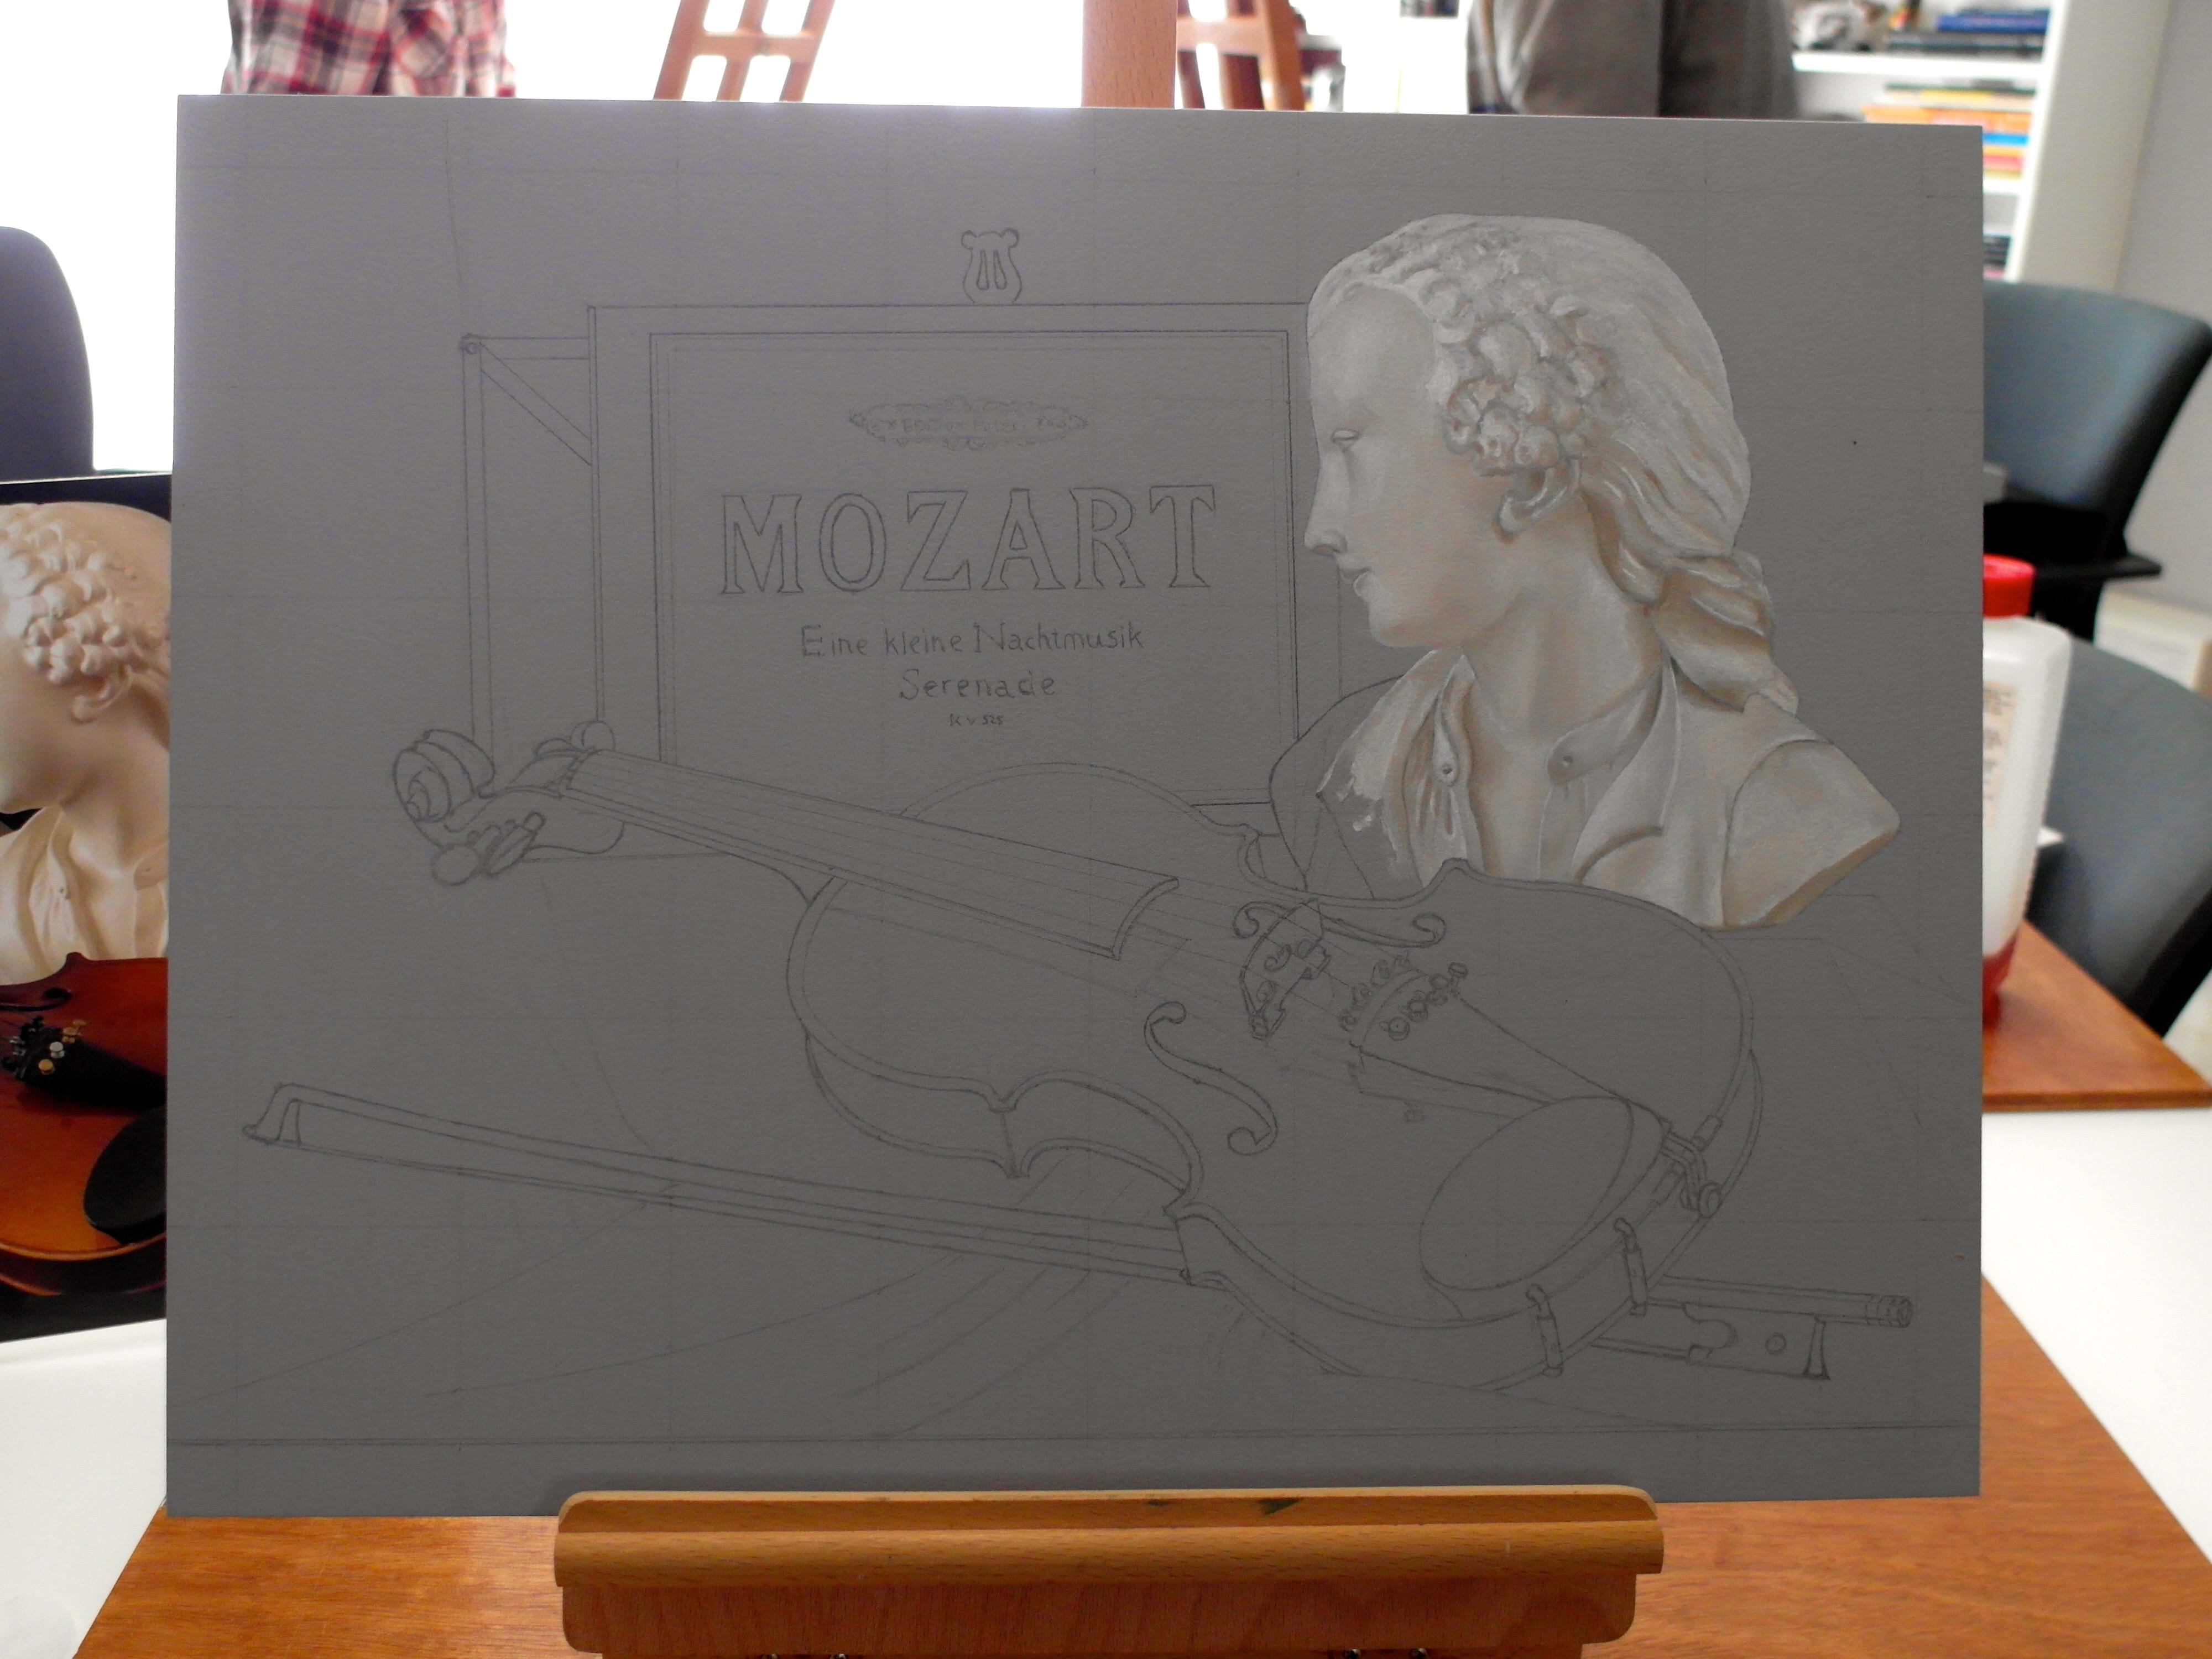 ook in dit werkstuk nummer 3 Ode aan Mozart dezelfde opbouw.